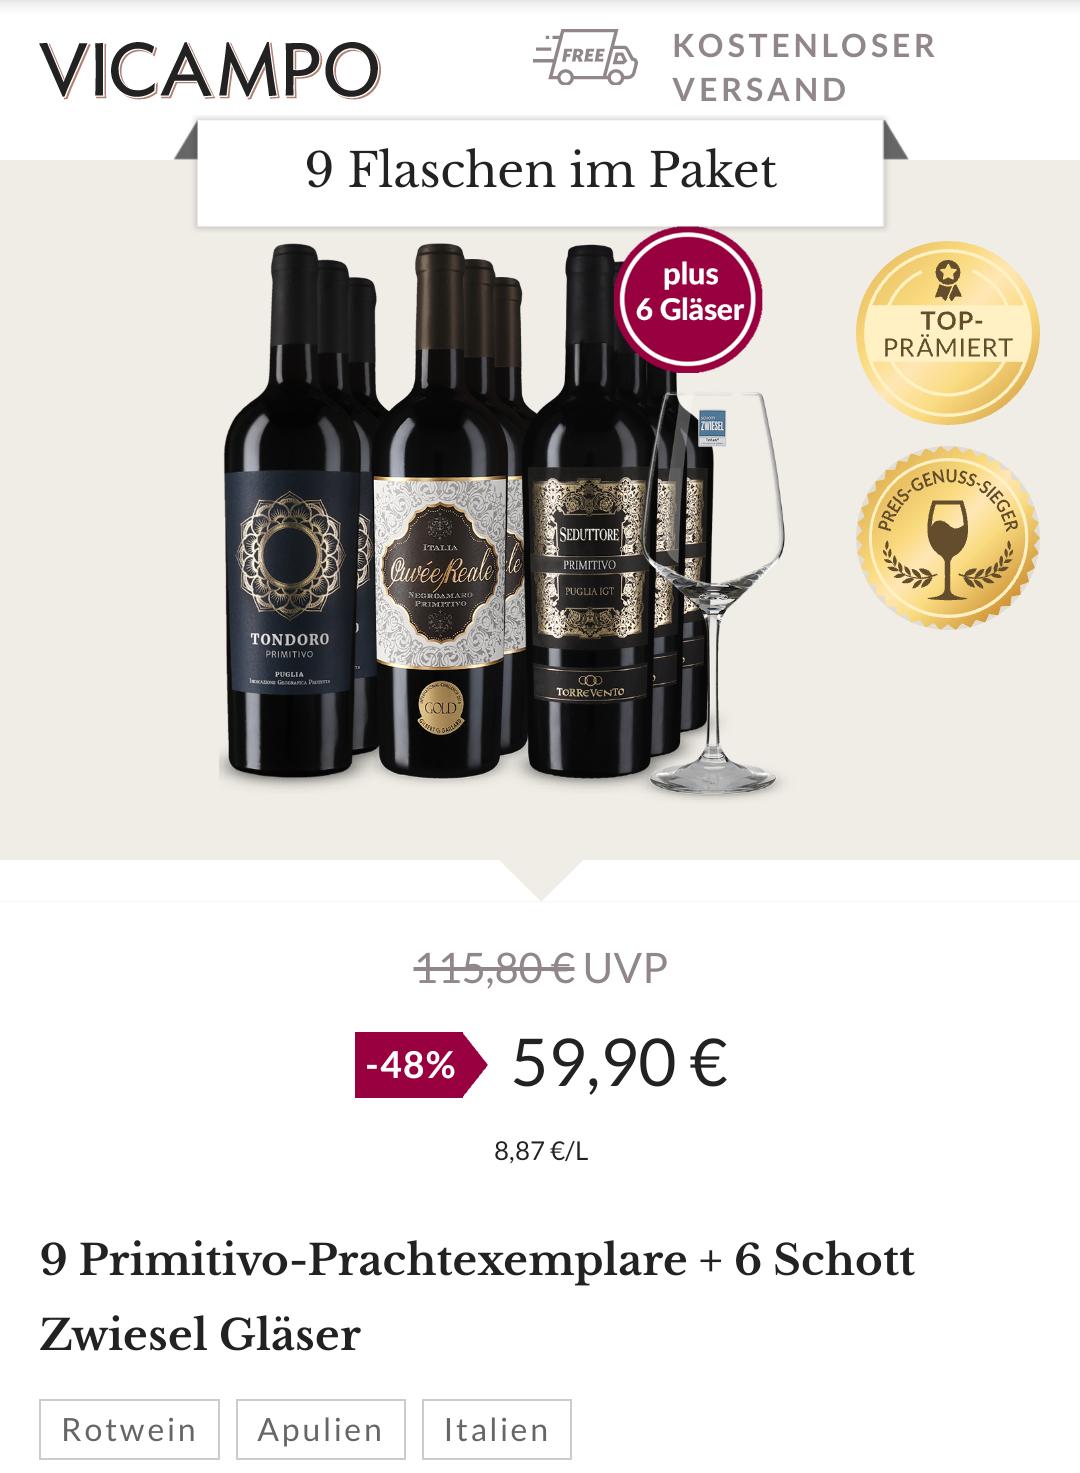 9 Primitivo Wein + 6 Schott Zwiesel Gläser